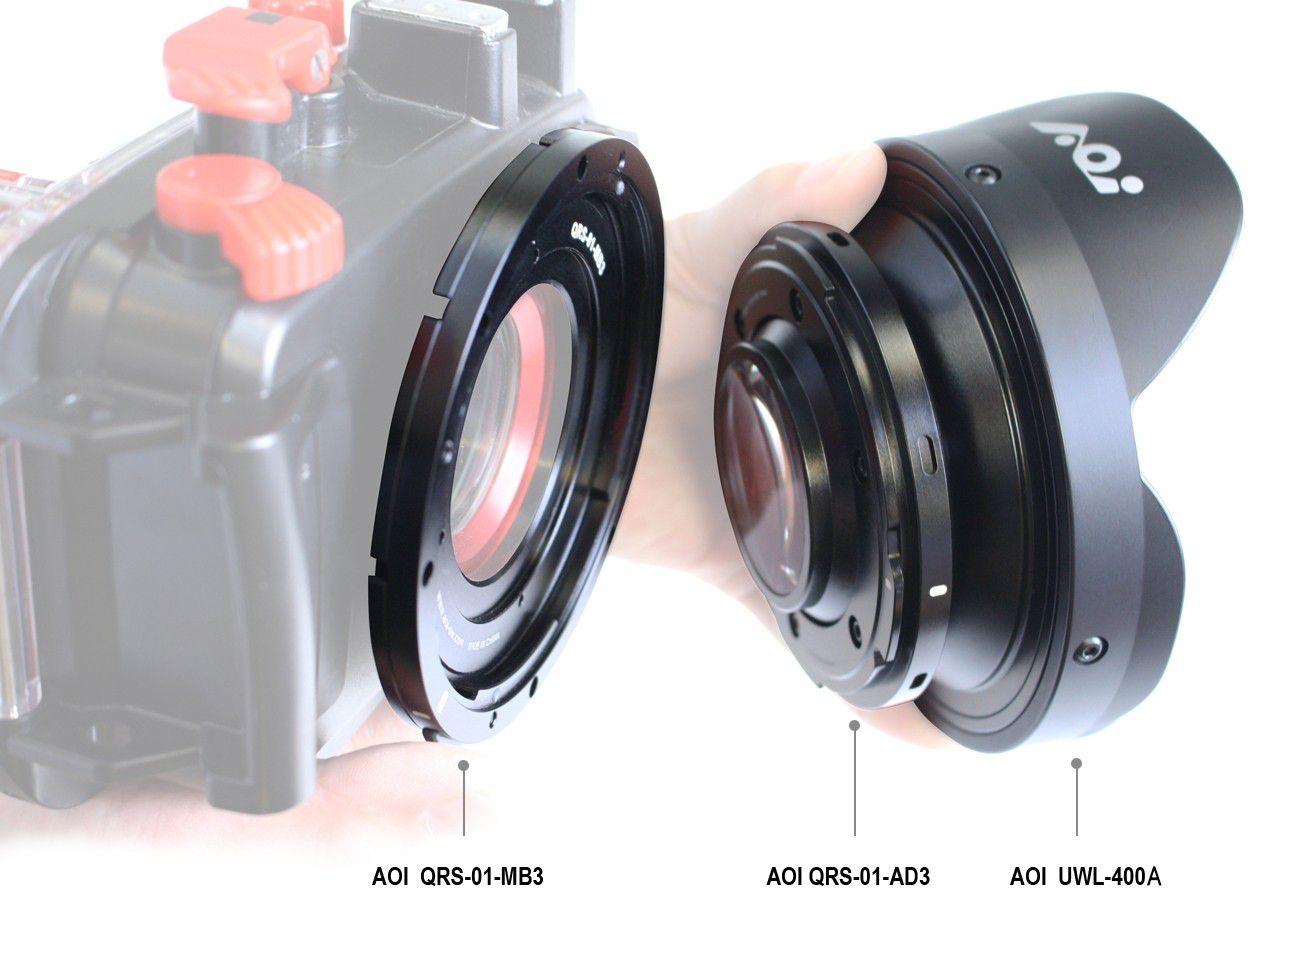 QRS 01 adaptateur 3 pour AOI UWL-400A